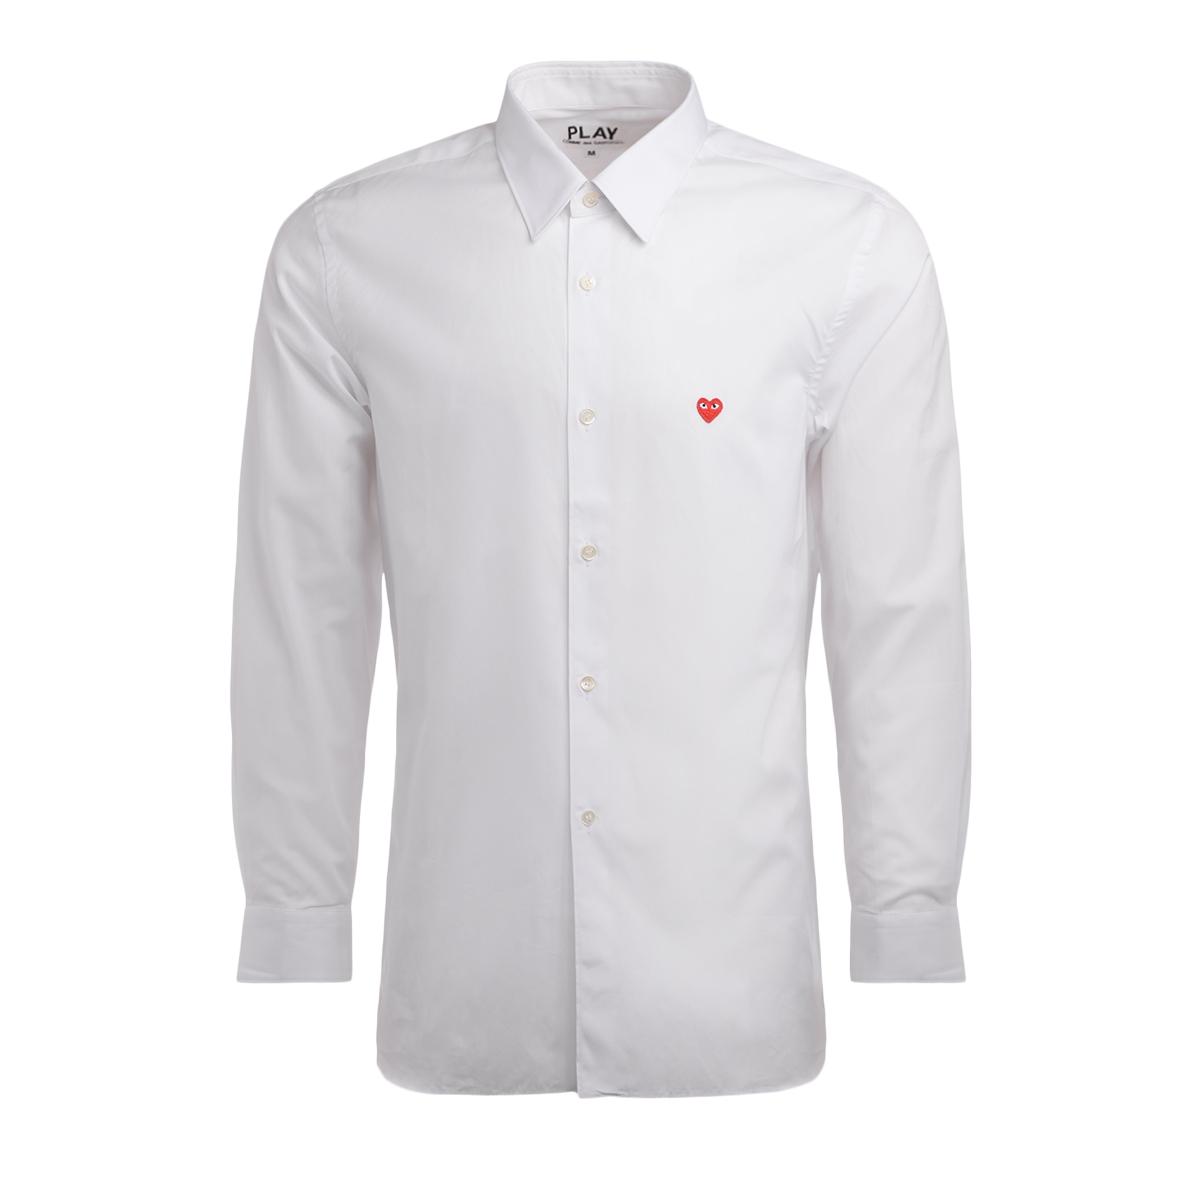 Chemise Comme Des Garcons PLAY en coton blanc avec un mini-cœur - Comme des Garçons Play - Modalova